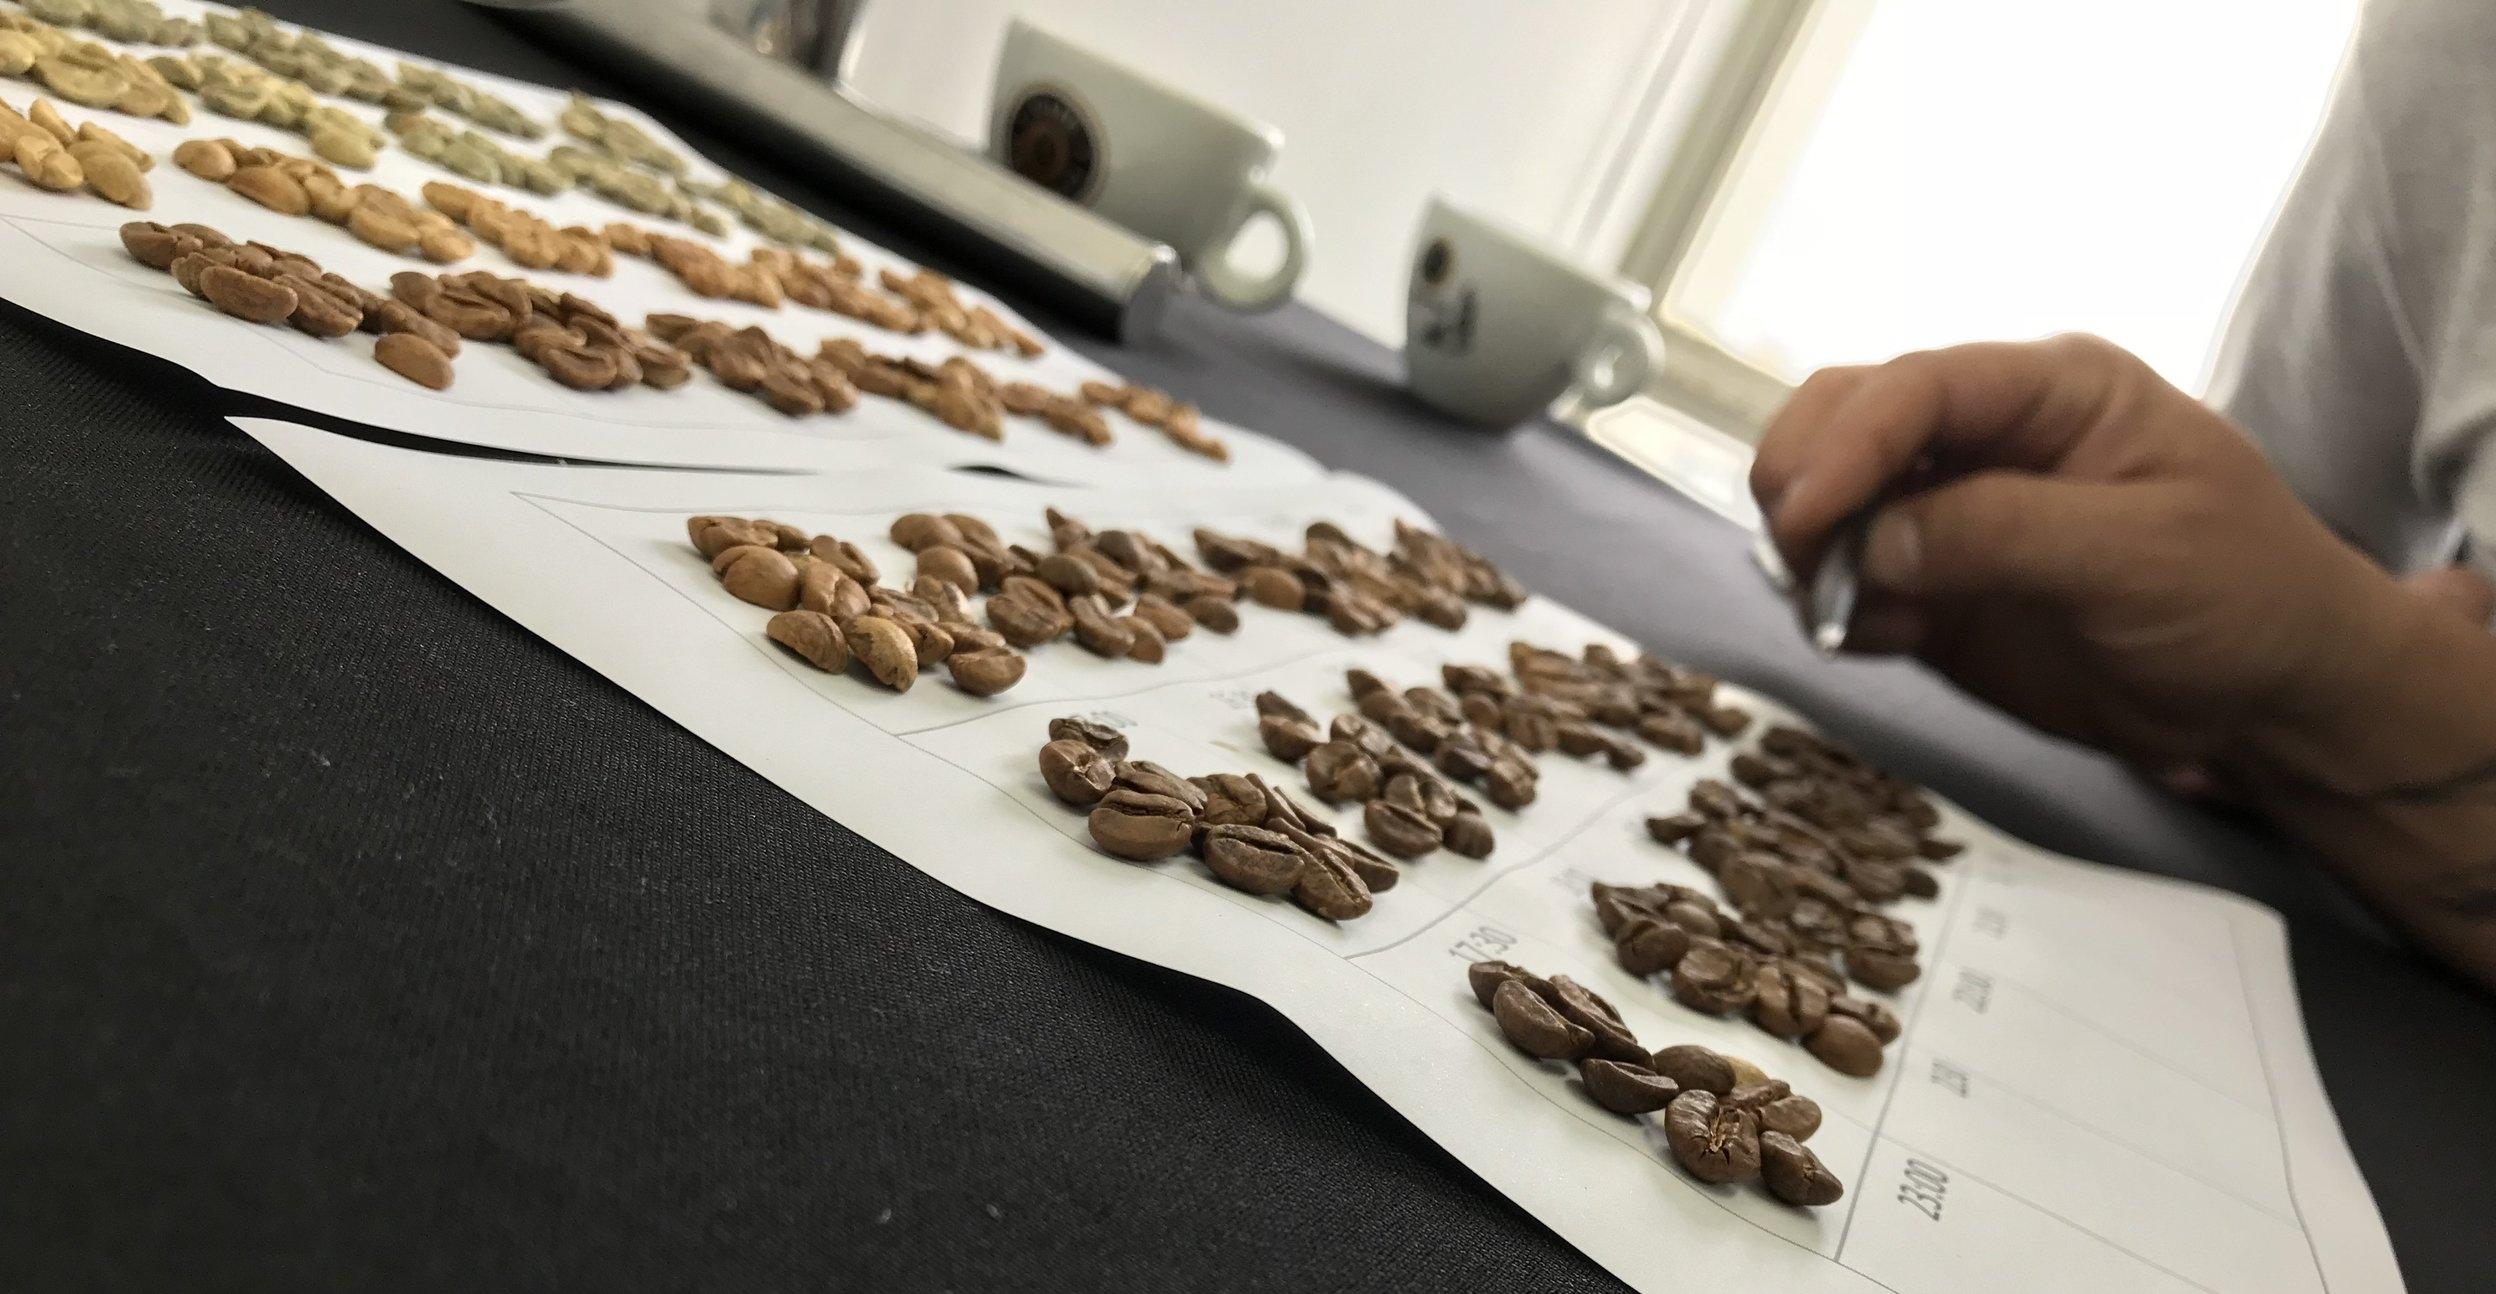 Gráfico vrLink sendo analisado durante exercício no curso Ciência da Torra do Café. Foto: Ensei Neto/Arquivo Pessoal.